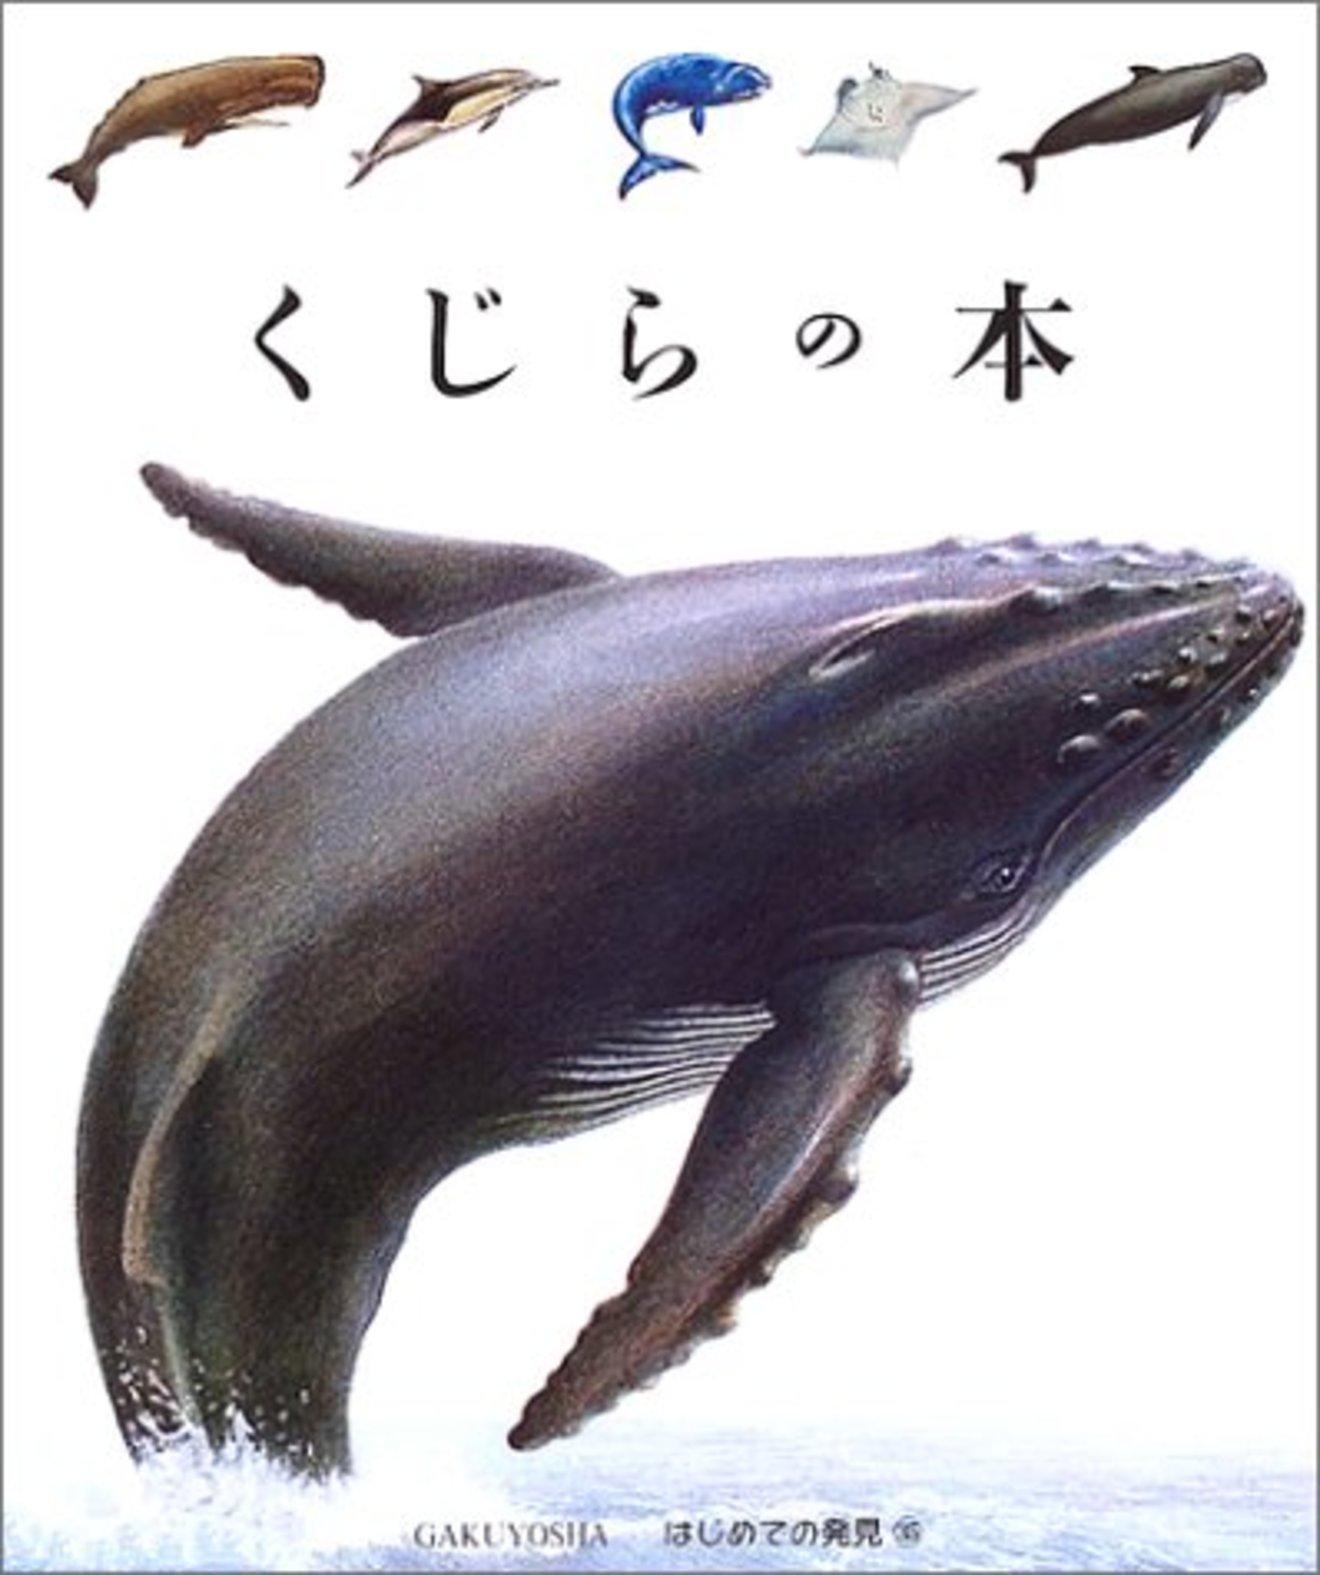 クジラの体はなぜ大きい?世界最大の哺乳類の謎に迫る3冊